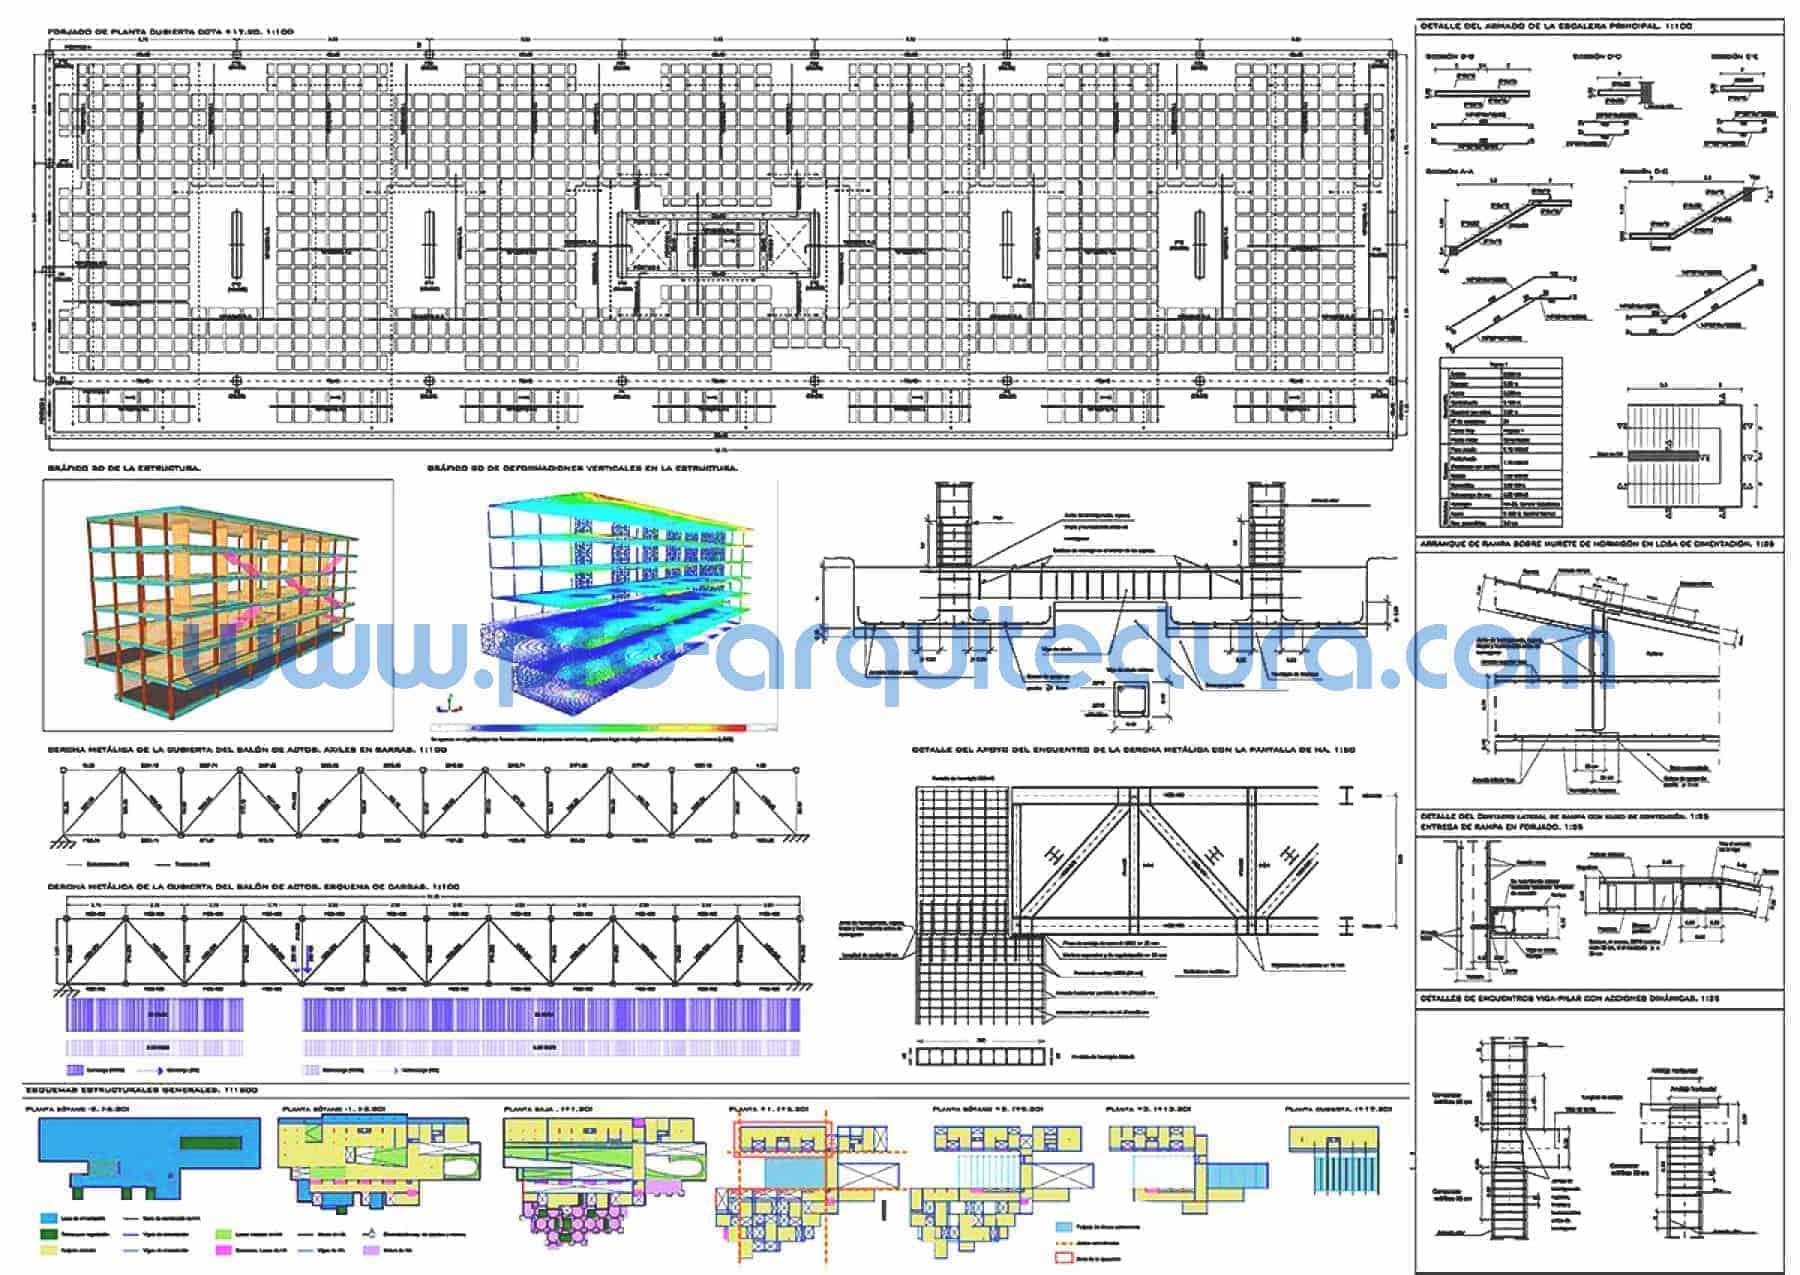 0061-04 Edificio para la universidad - Planos de estructuras - Tu ayuda con el cálculo de la estructura del pfc pfg tfg tfm de arquitectura.